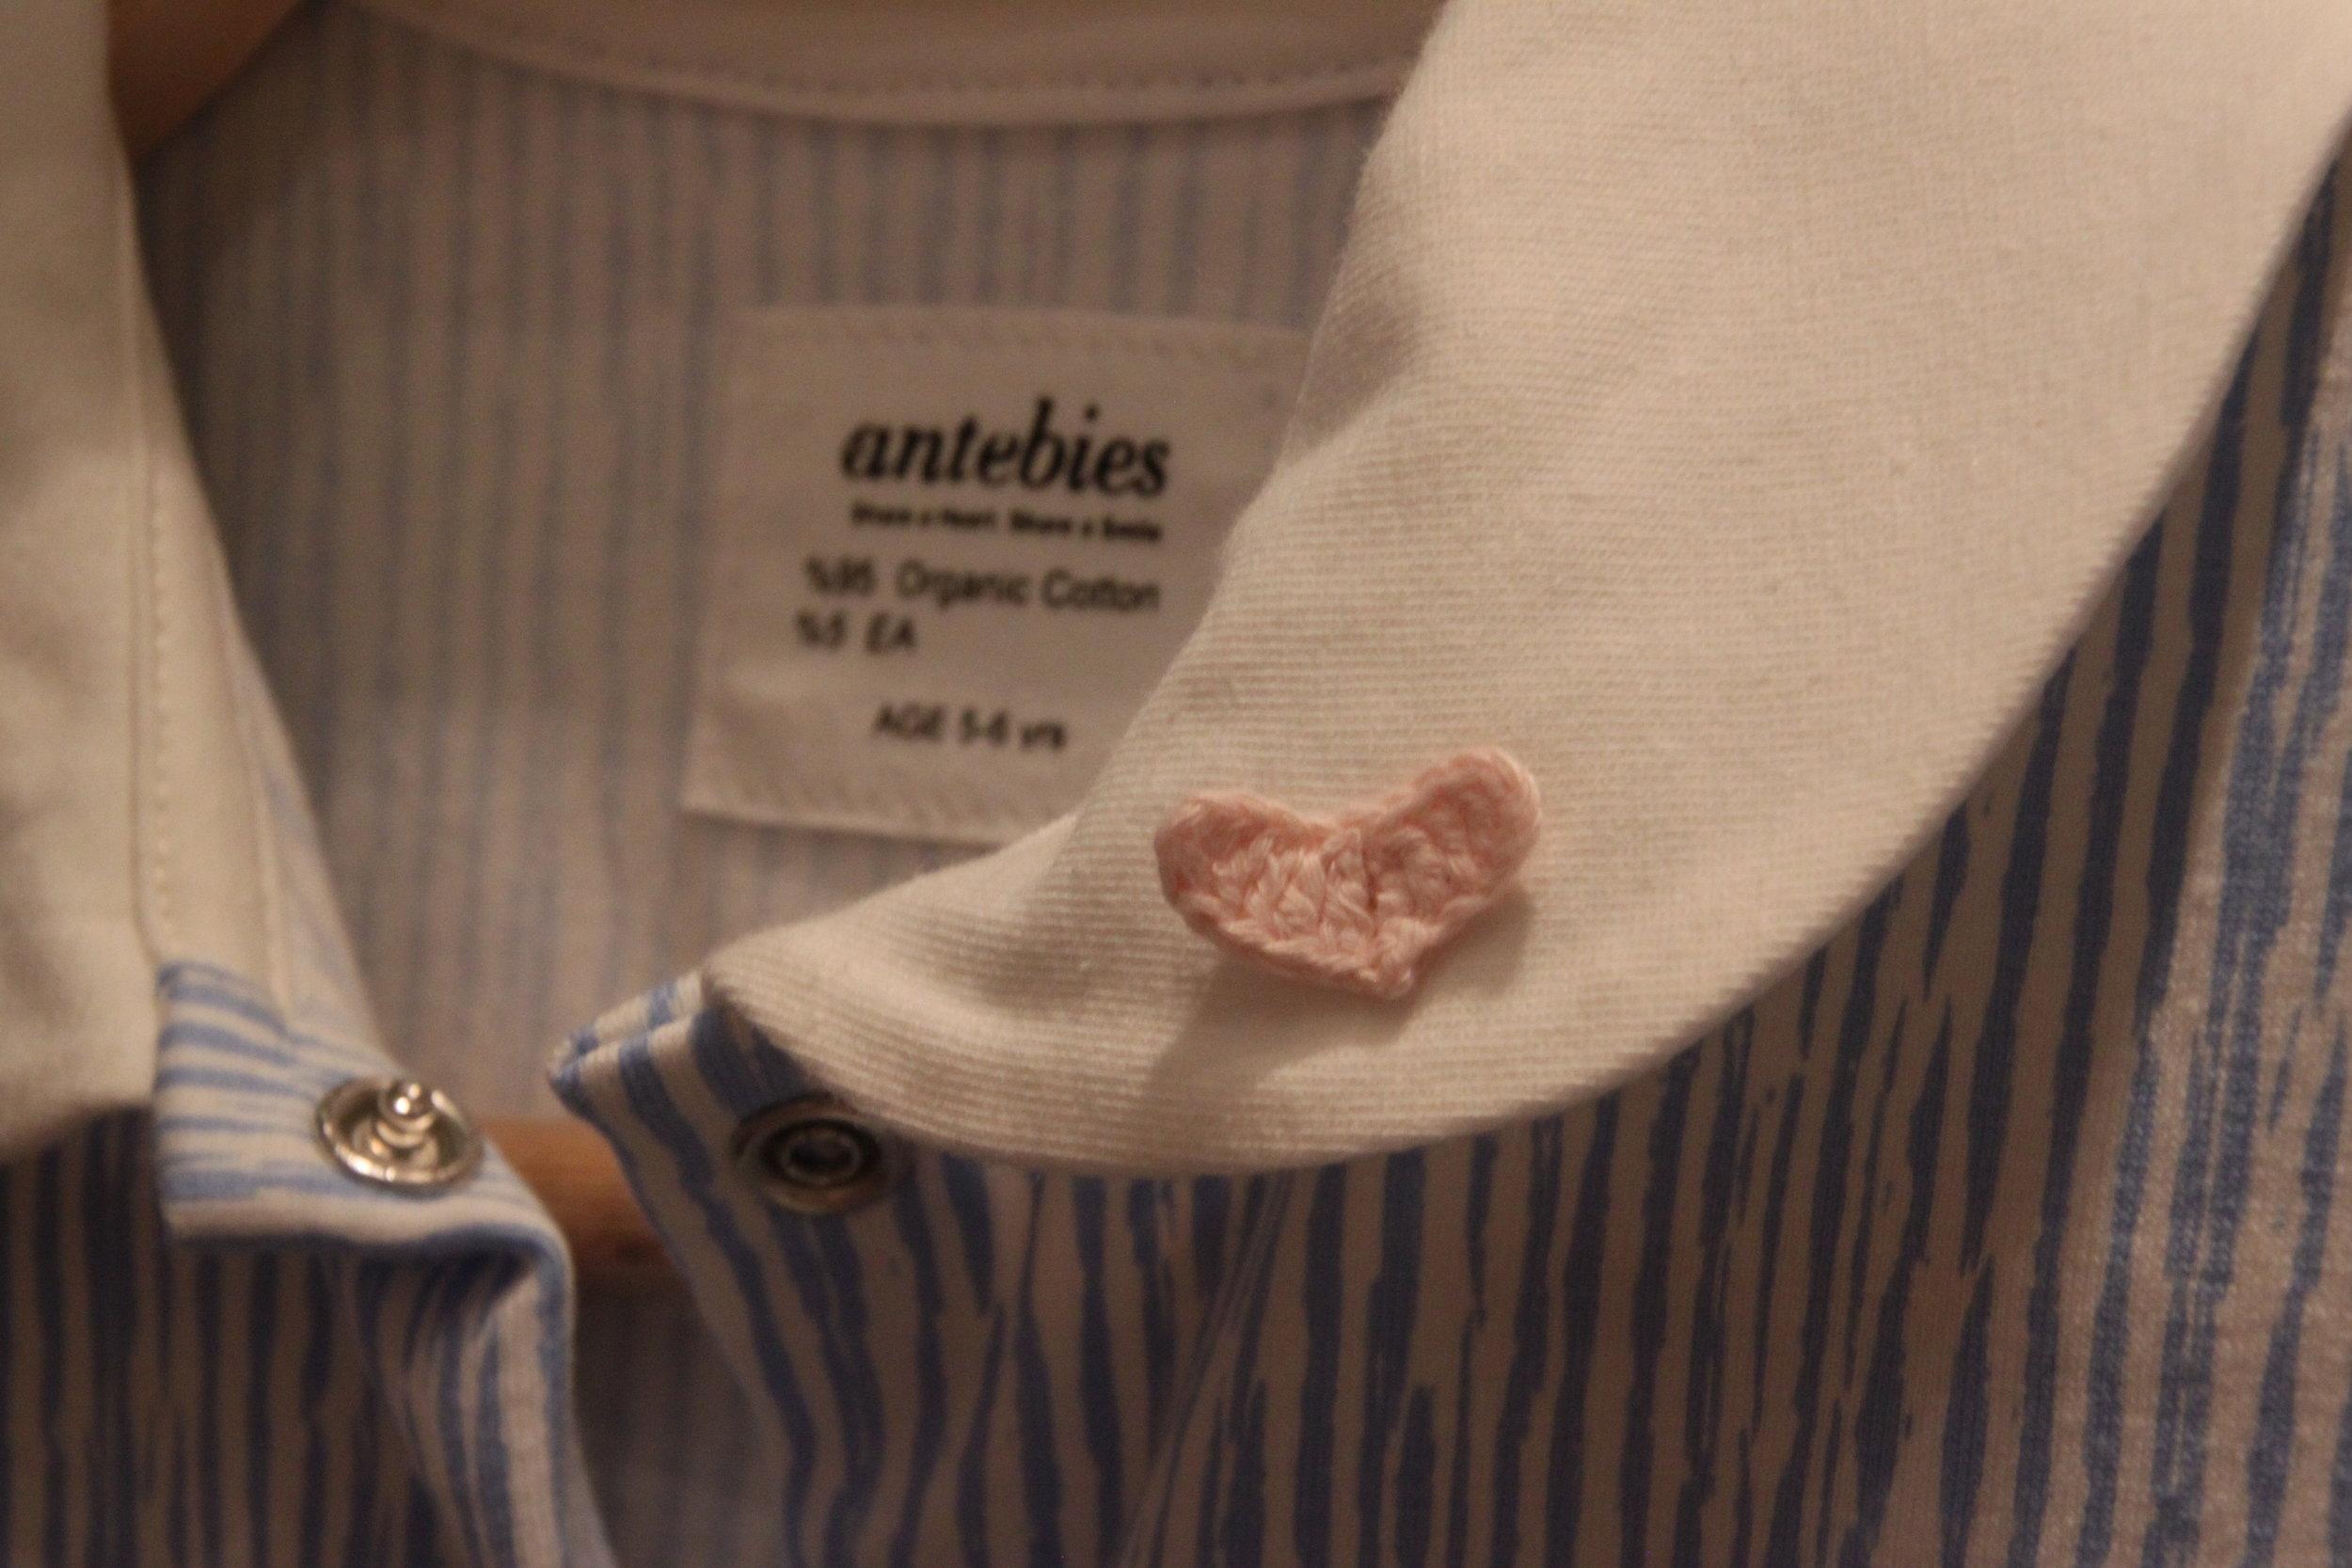 Antebies-2.jpg